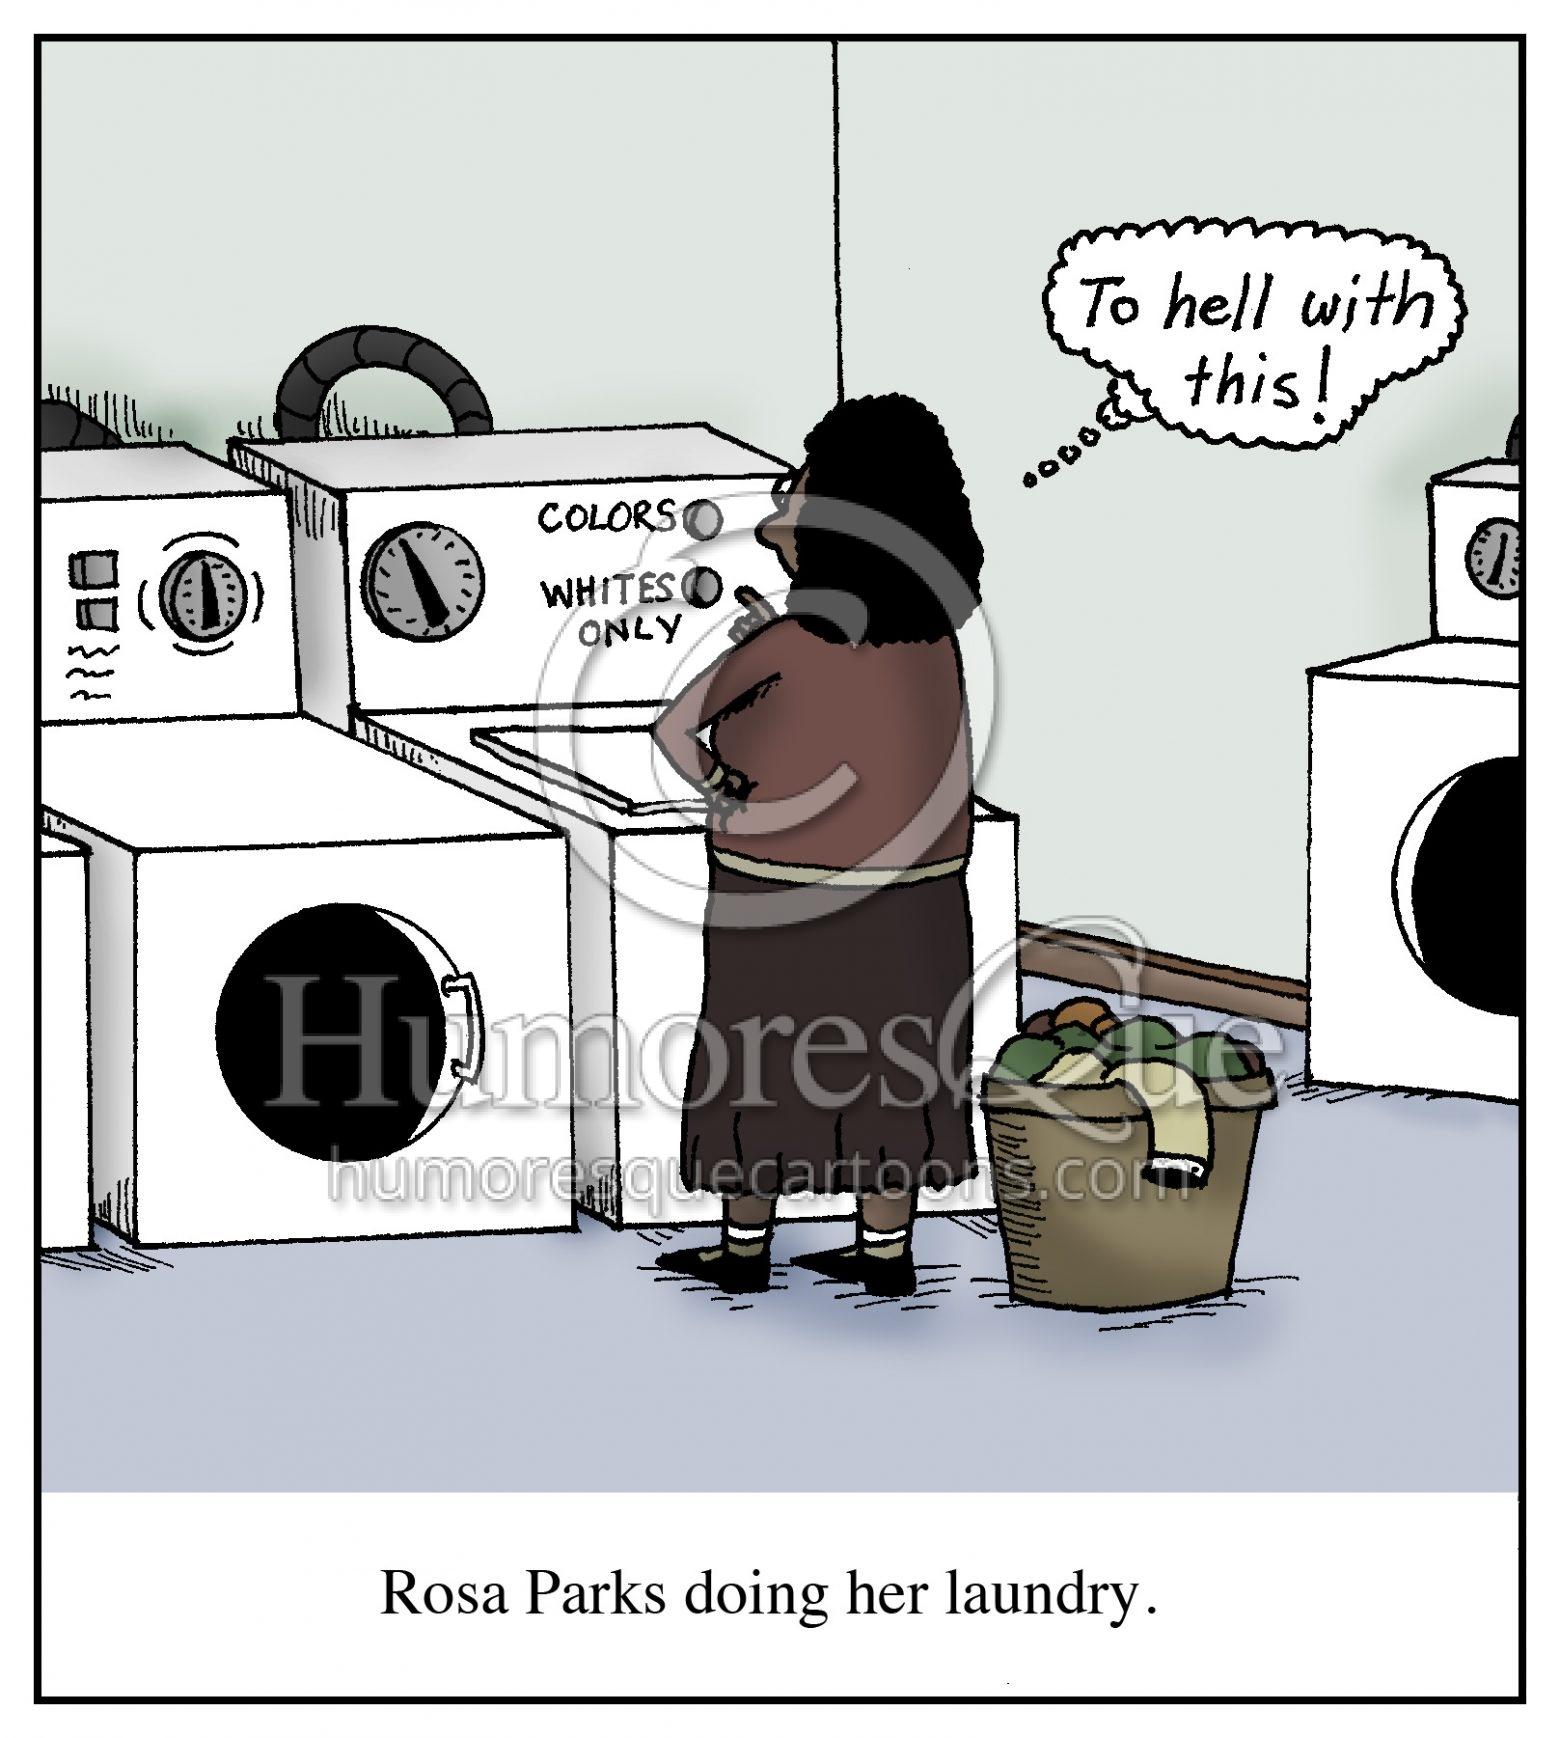 rosa parks doing laundry cartoon